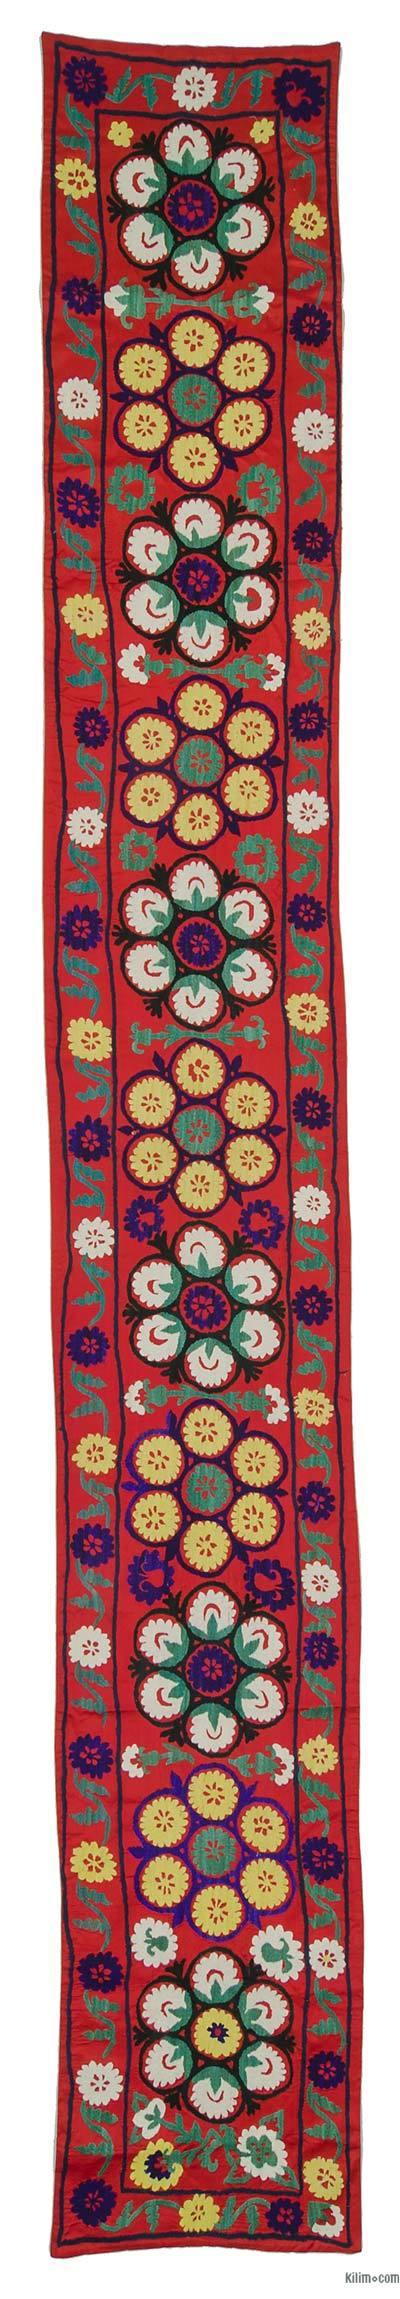 """Vintage Uzbek Suzani - 1' 11"""" x 13' 8"""" (23 in. x 164 in.)"""